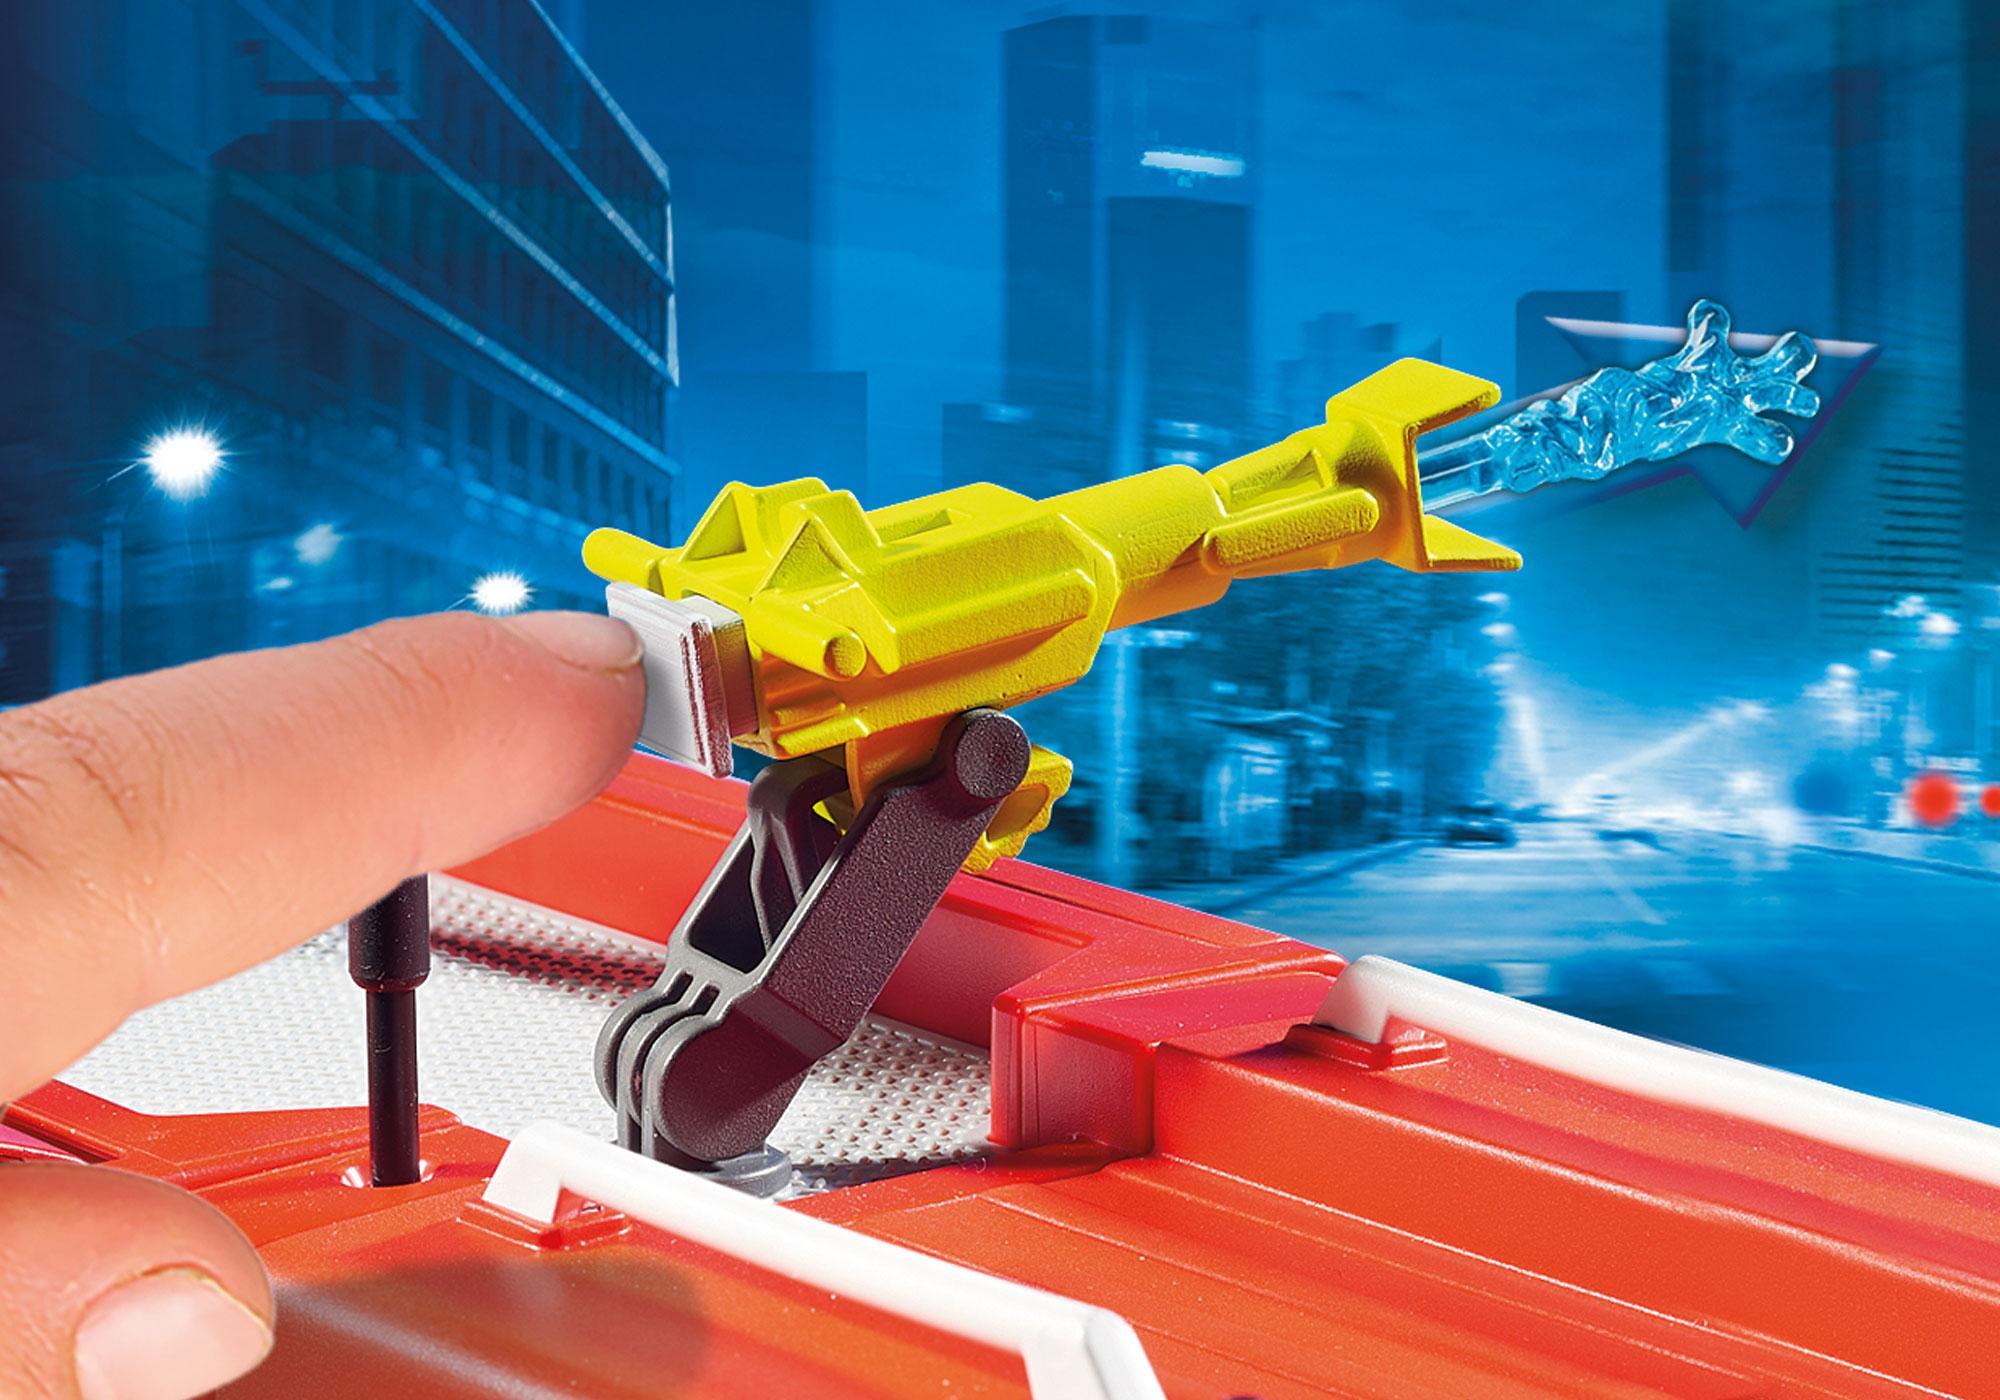 http://media.playmobil.com/i/playmobil/9464_product_extra2/Fire Engine